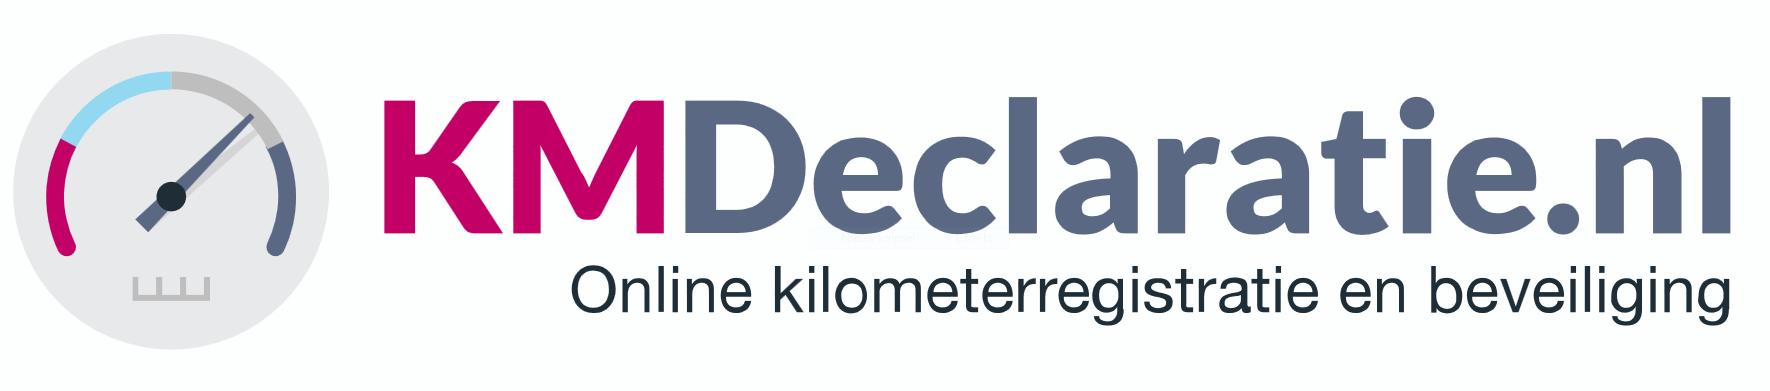 kmdeclaratie.nl